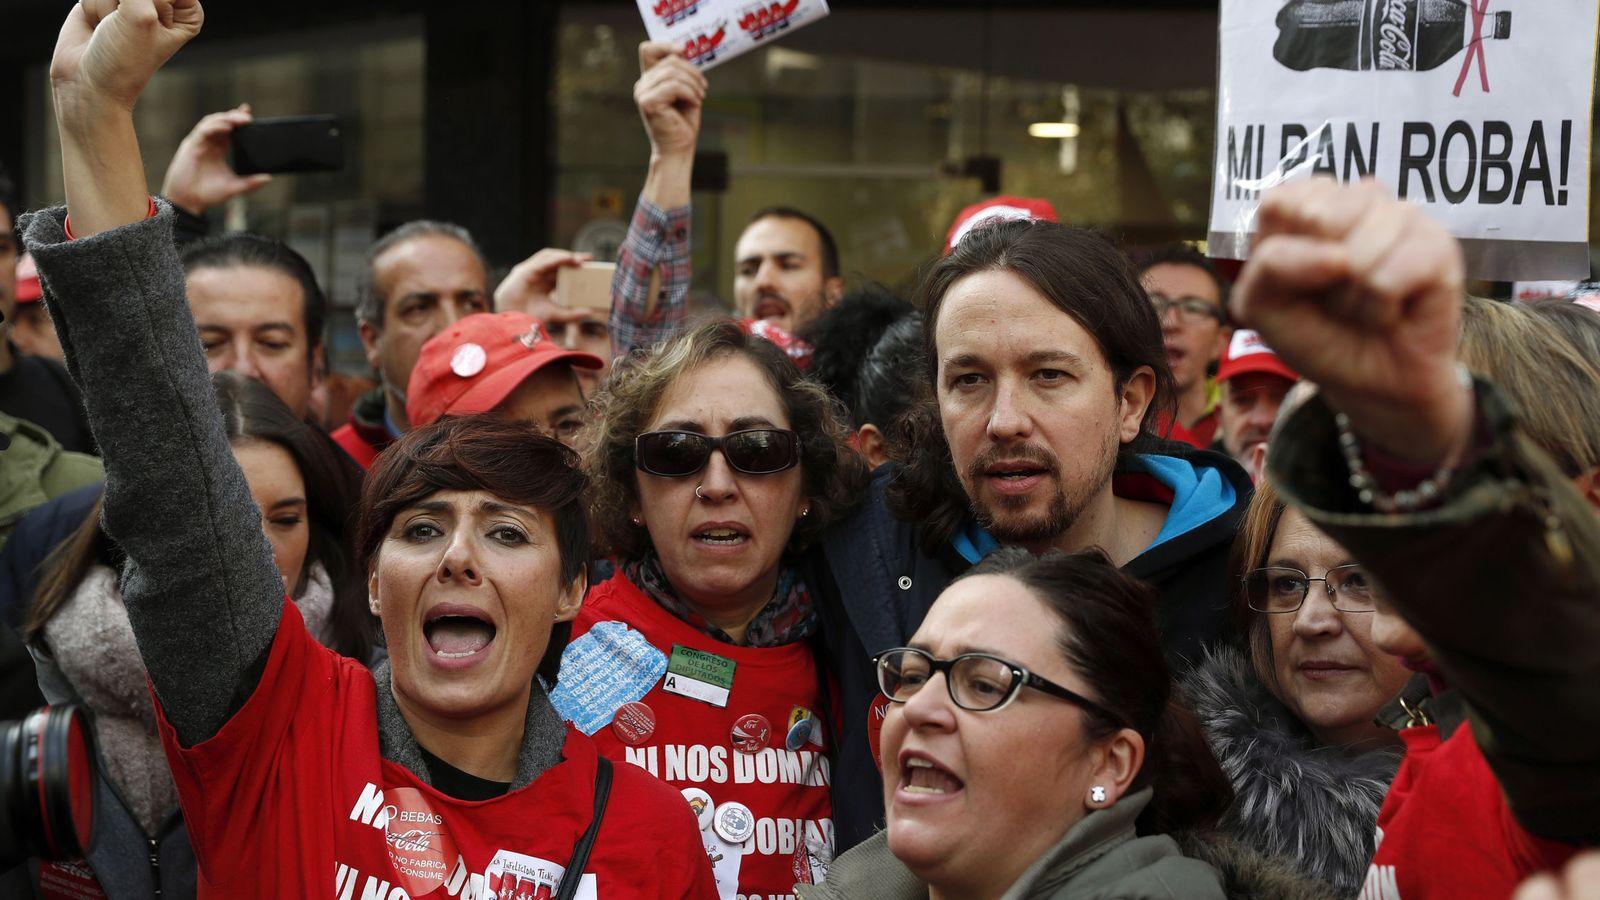 Foto: Gema María Gil (izq.) junto a otras 'espartanas' y el líder de Podemos, Pablo Iglesias, durante una manifestación promovida por trabajadores despedidos por Coca-Cola. (EFE)